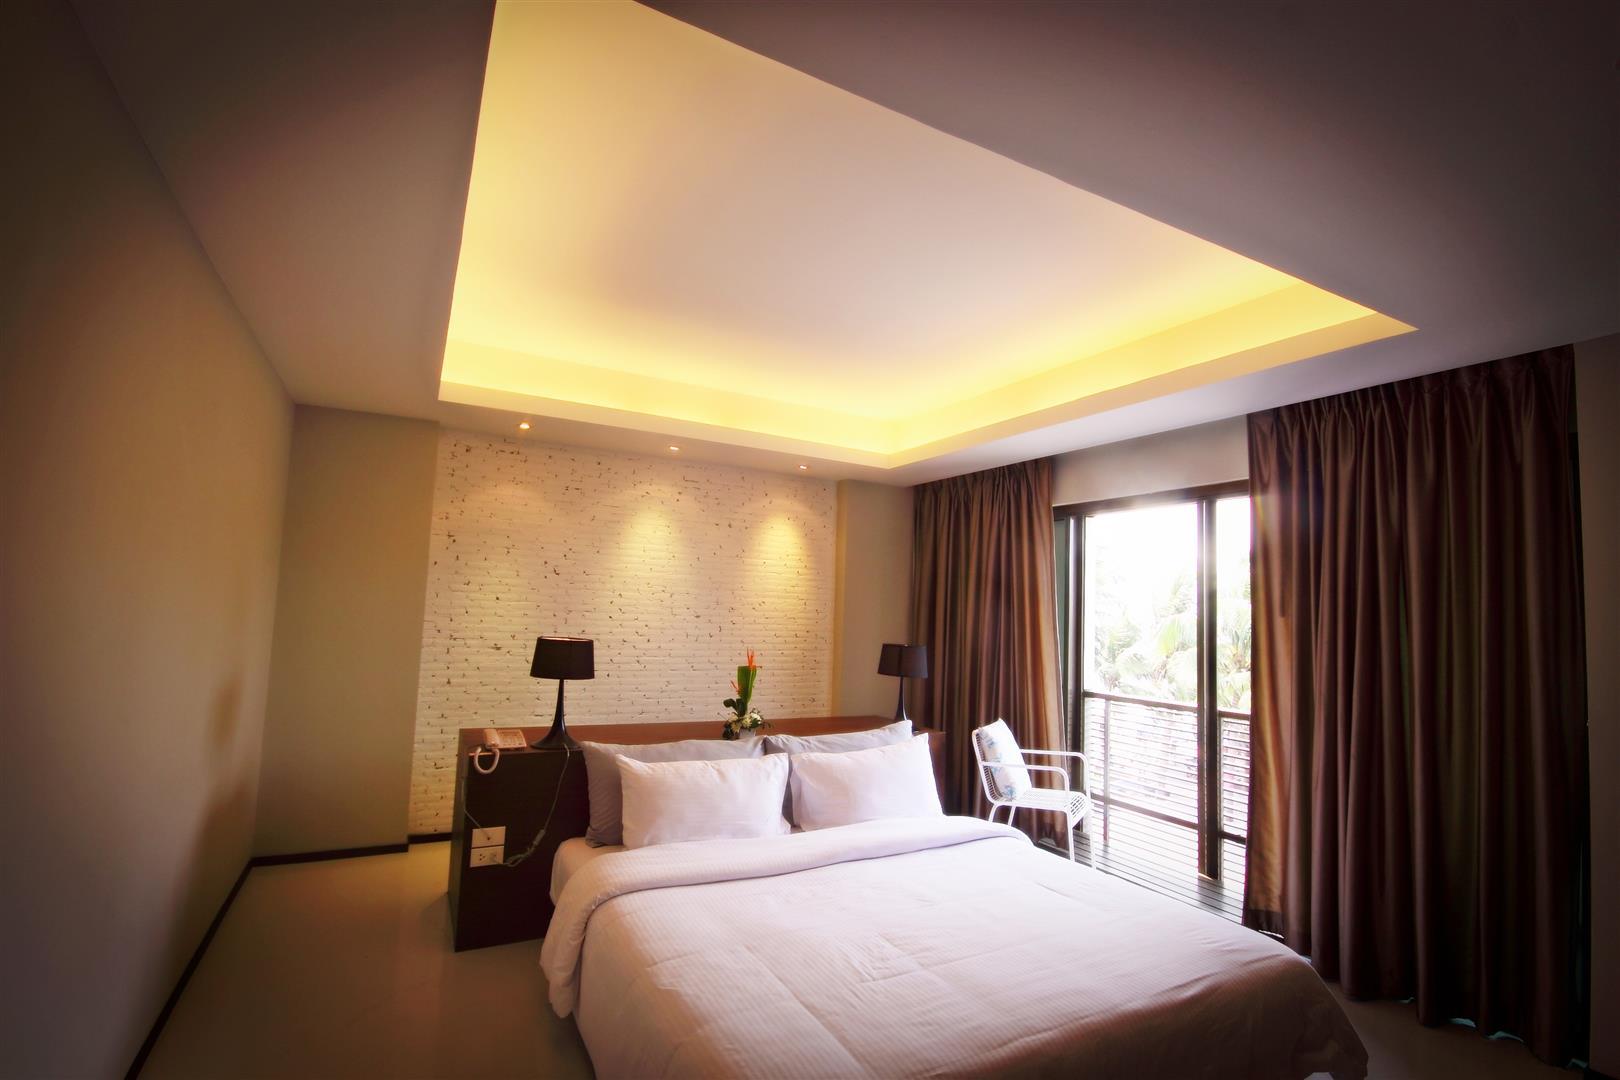 S2 Hotel (เอสทู โฮเทล)